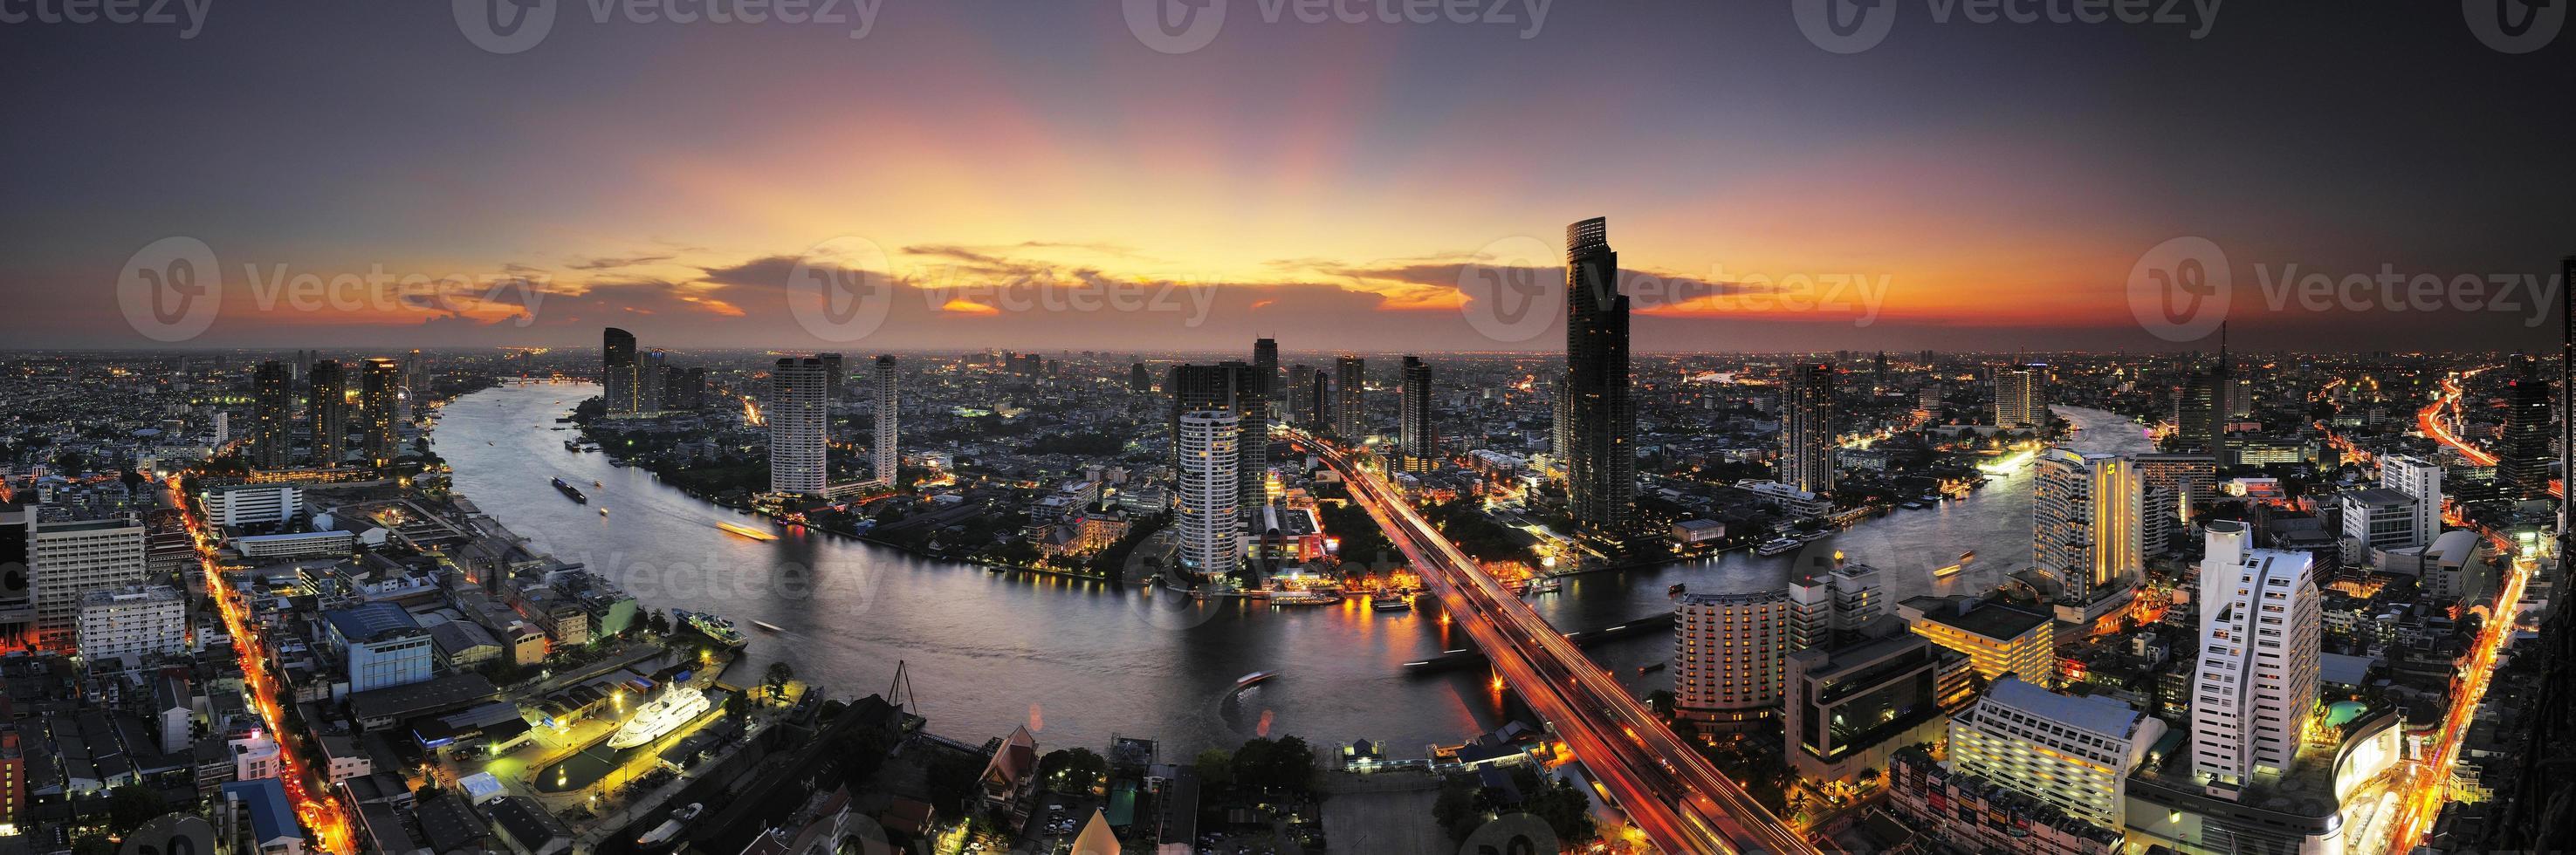 Panoramablick auf Bangkok, Thailand in der Abenddämmerung. foto